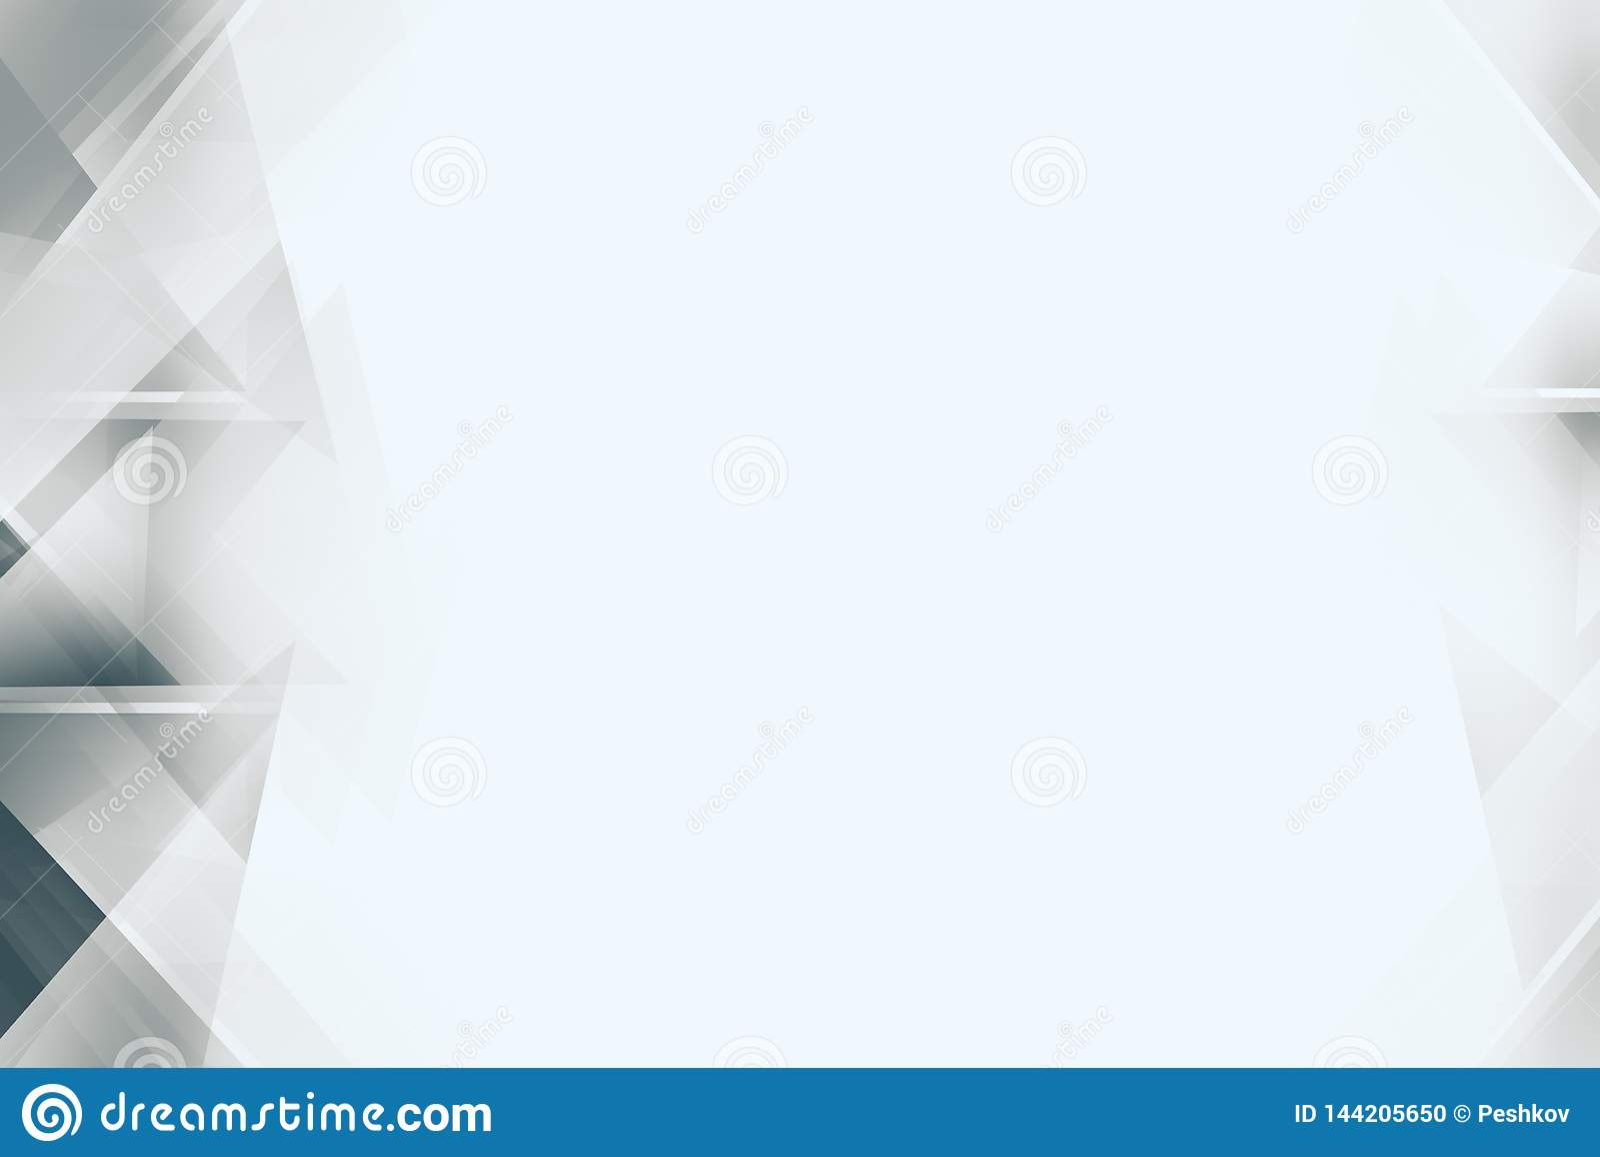 Digitale witte achtergrond